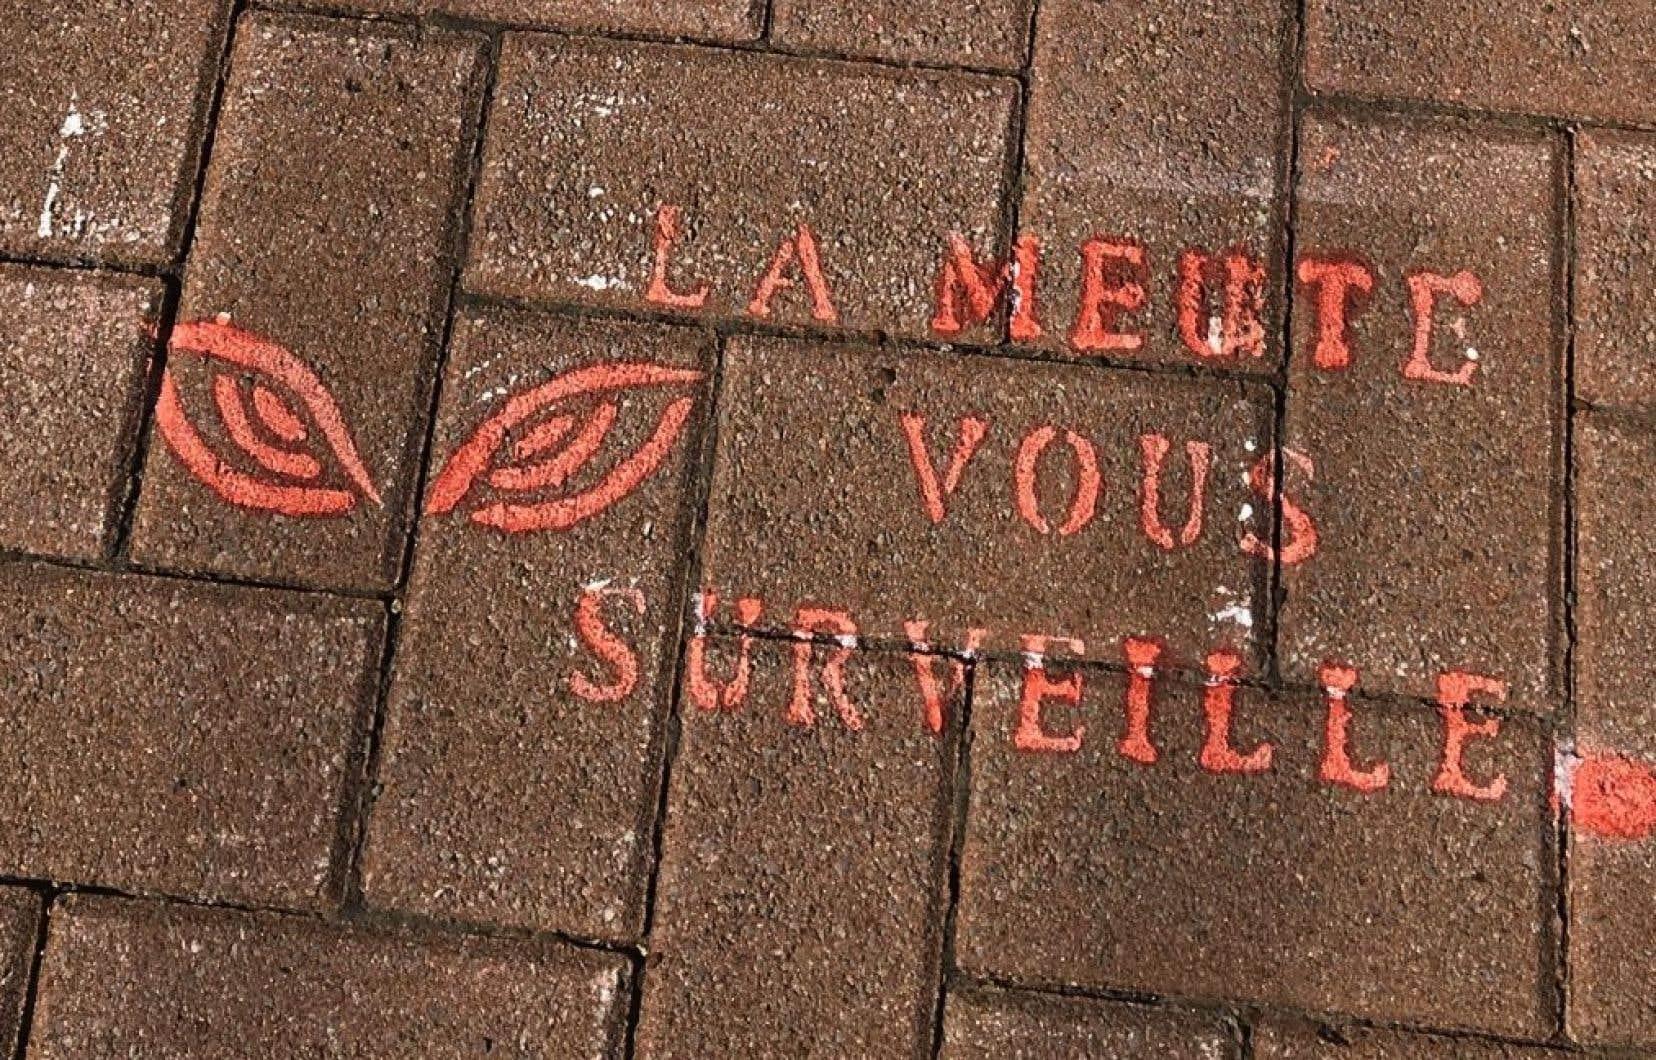 Les graffitis prennent la forme d'une patte de loup blanche avec l'inscription «La Meute vous surveille» et se trouvent sur le trottoir à l'entrée des locaux électoraux.